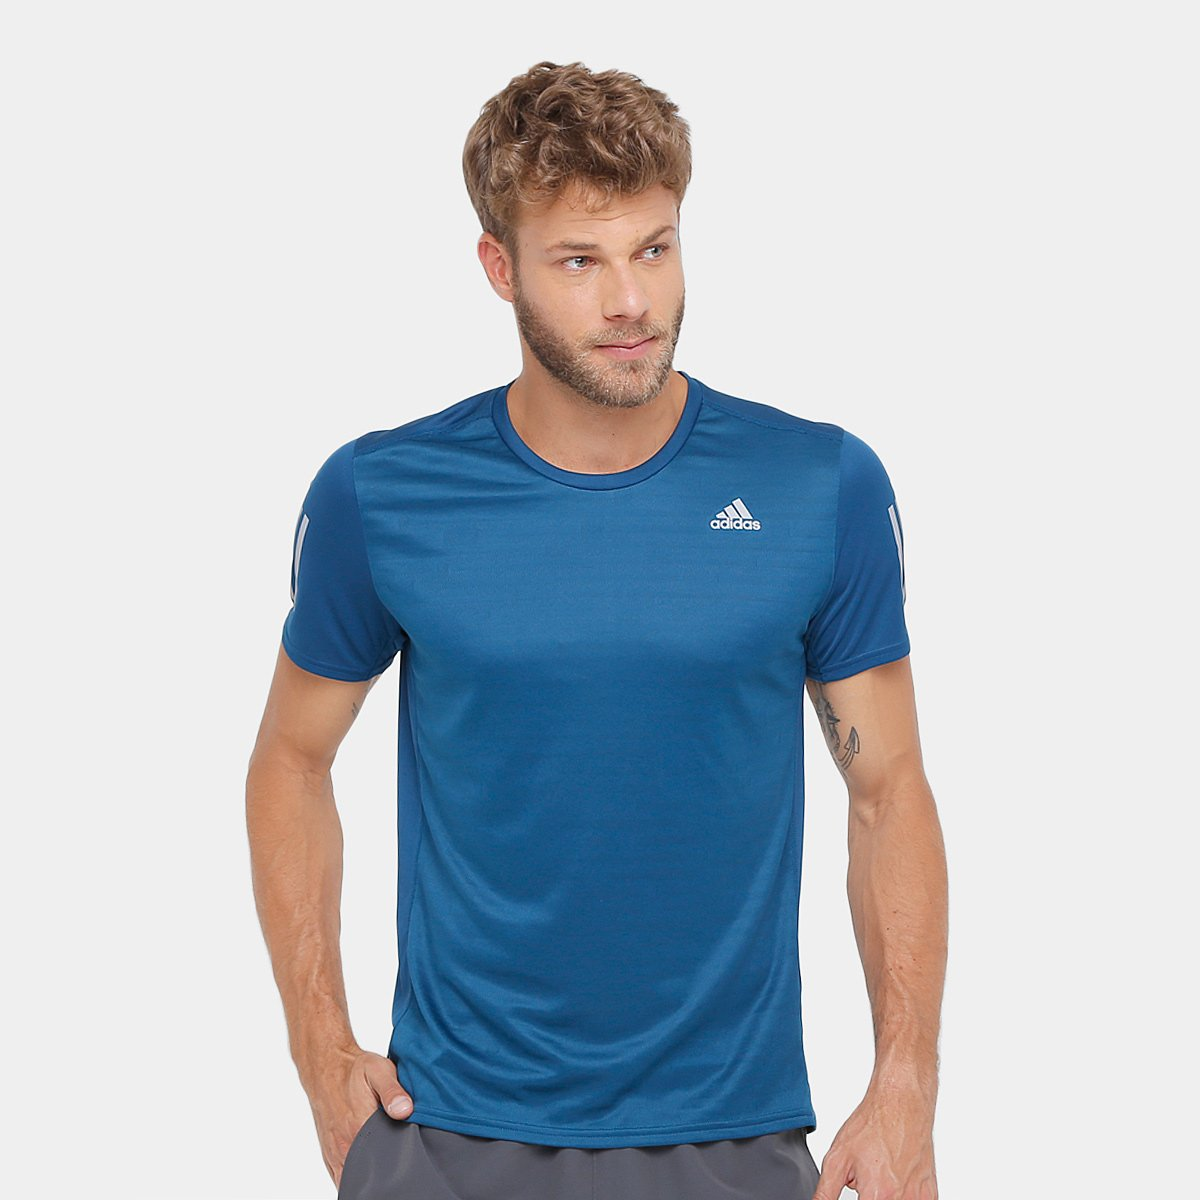 d0d191276220a Camiseta Adidas Response ClimaCool Masculina - Azul Escuro - Compre Agora